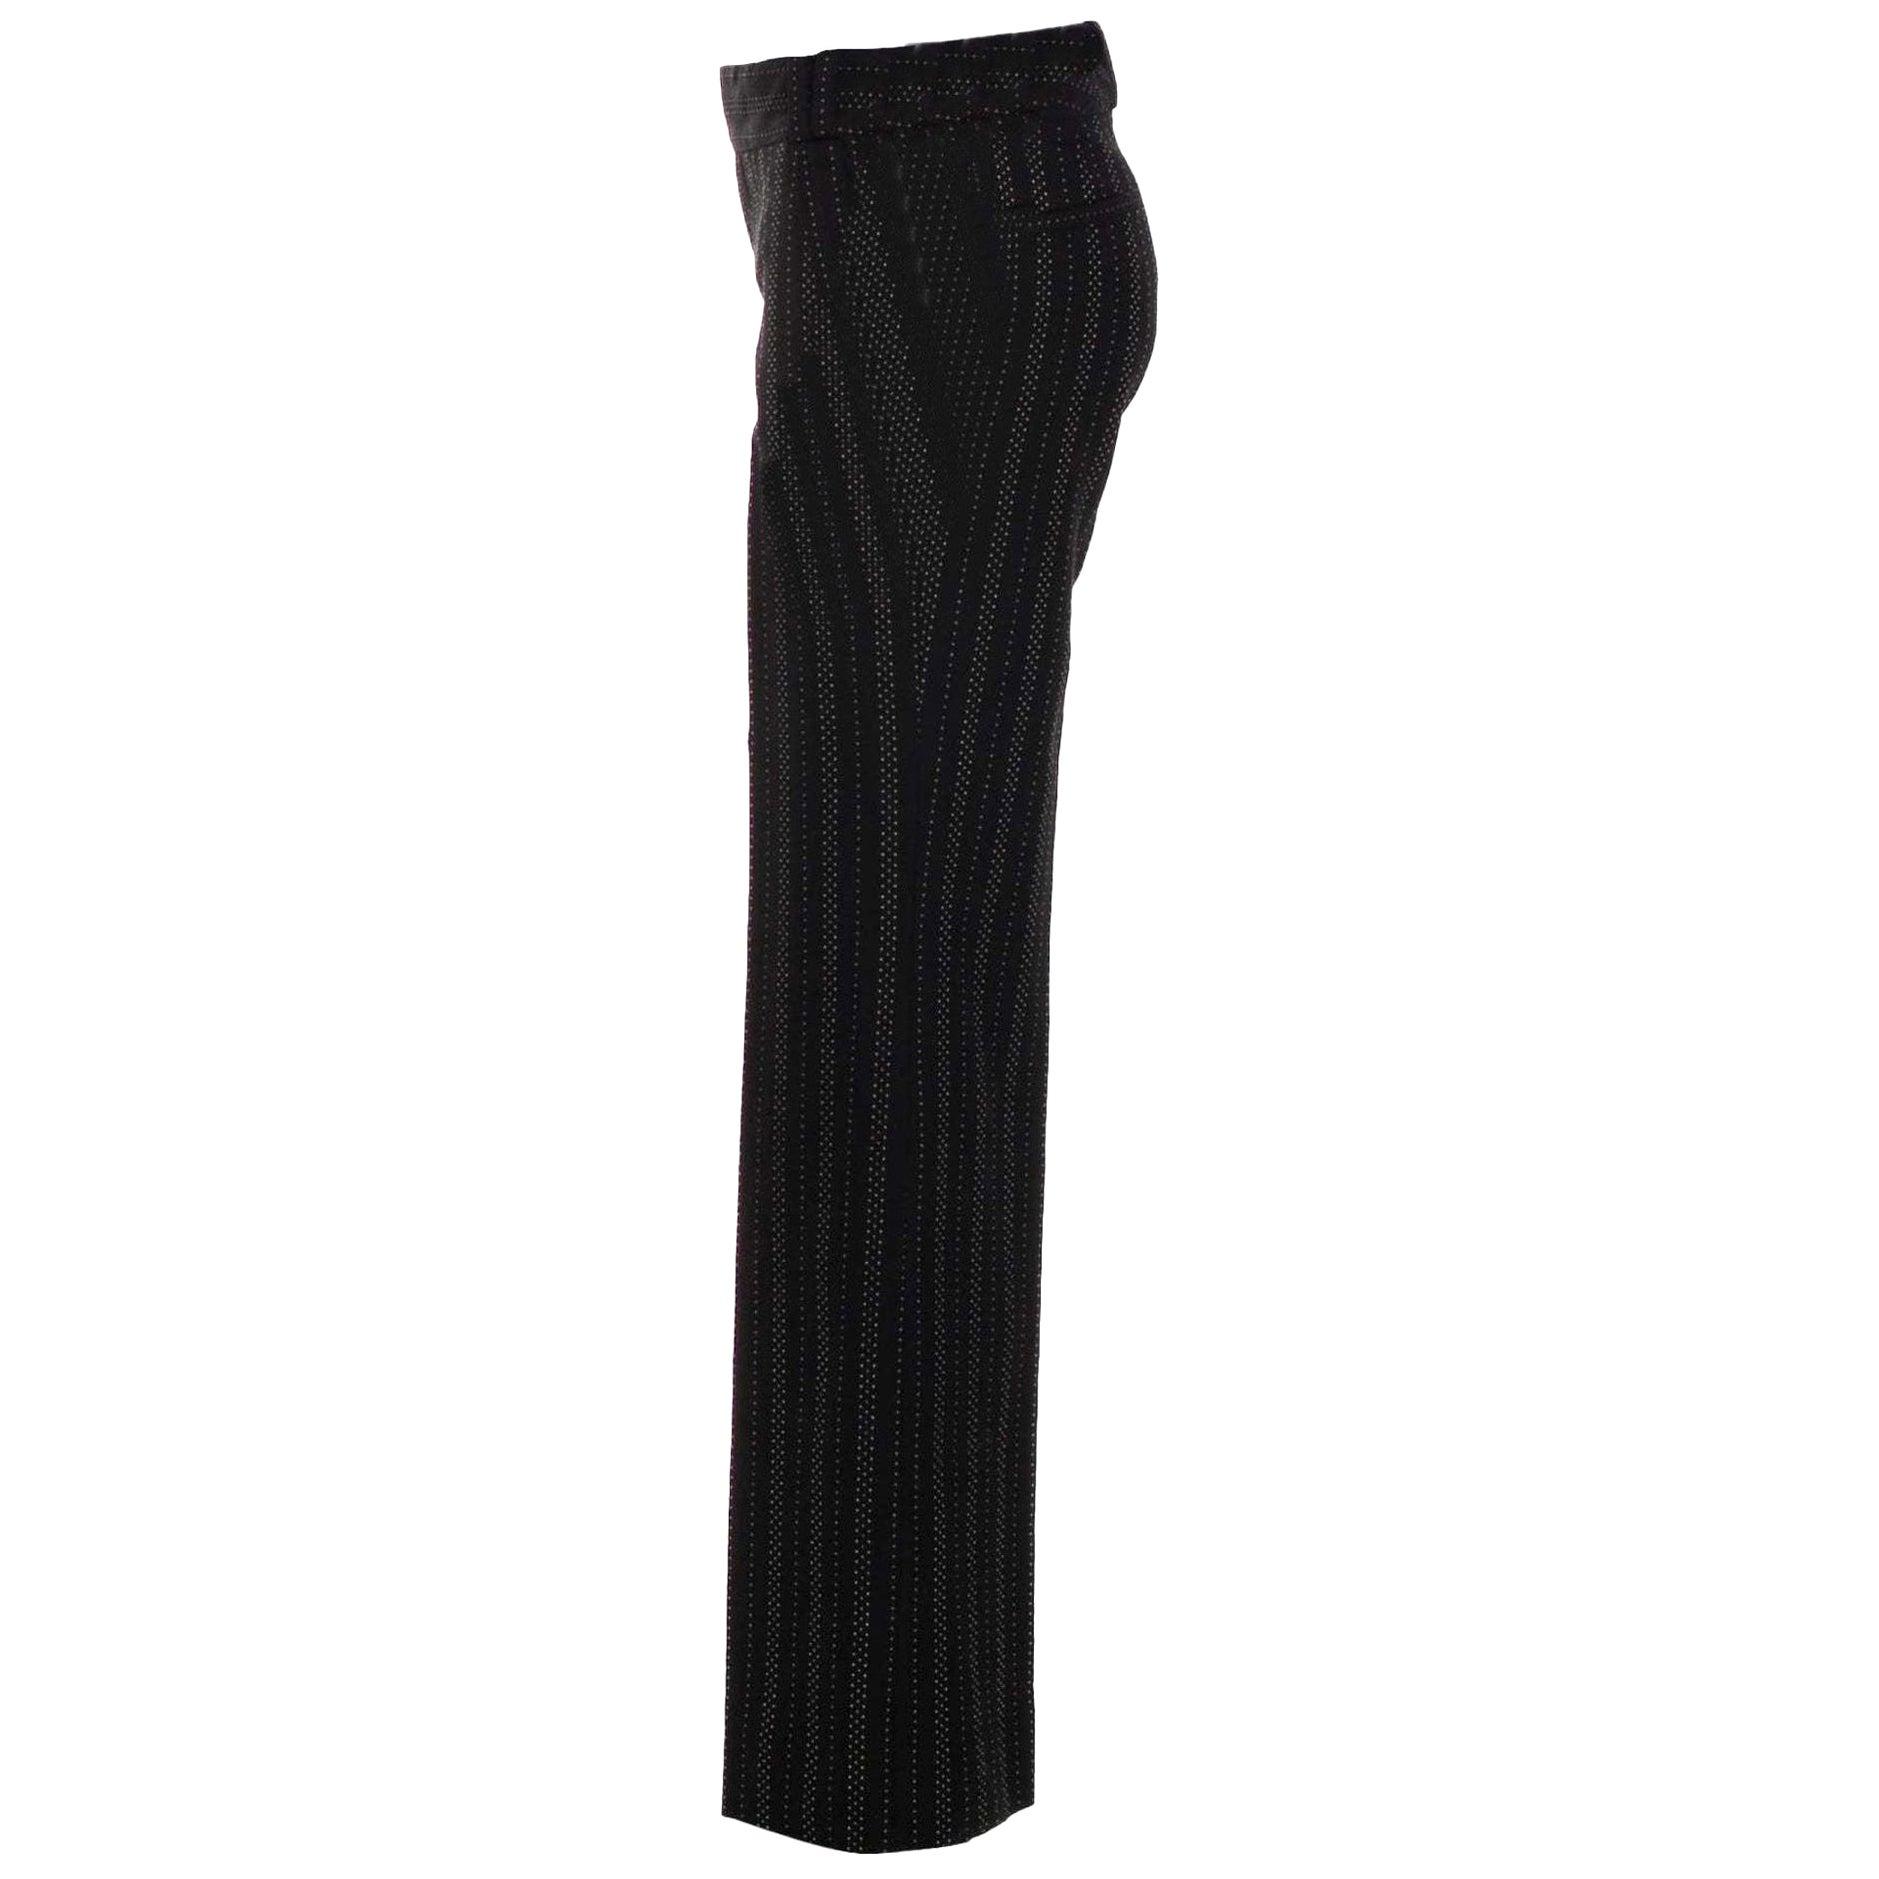 New Gucci 90th Anniversary Wool Runway Pants F/W 2011 Sz 46